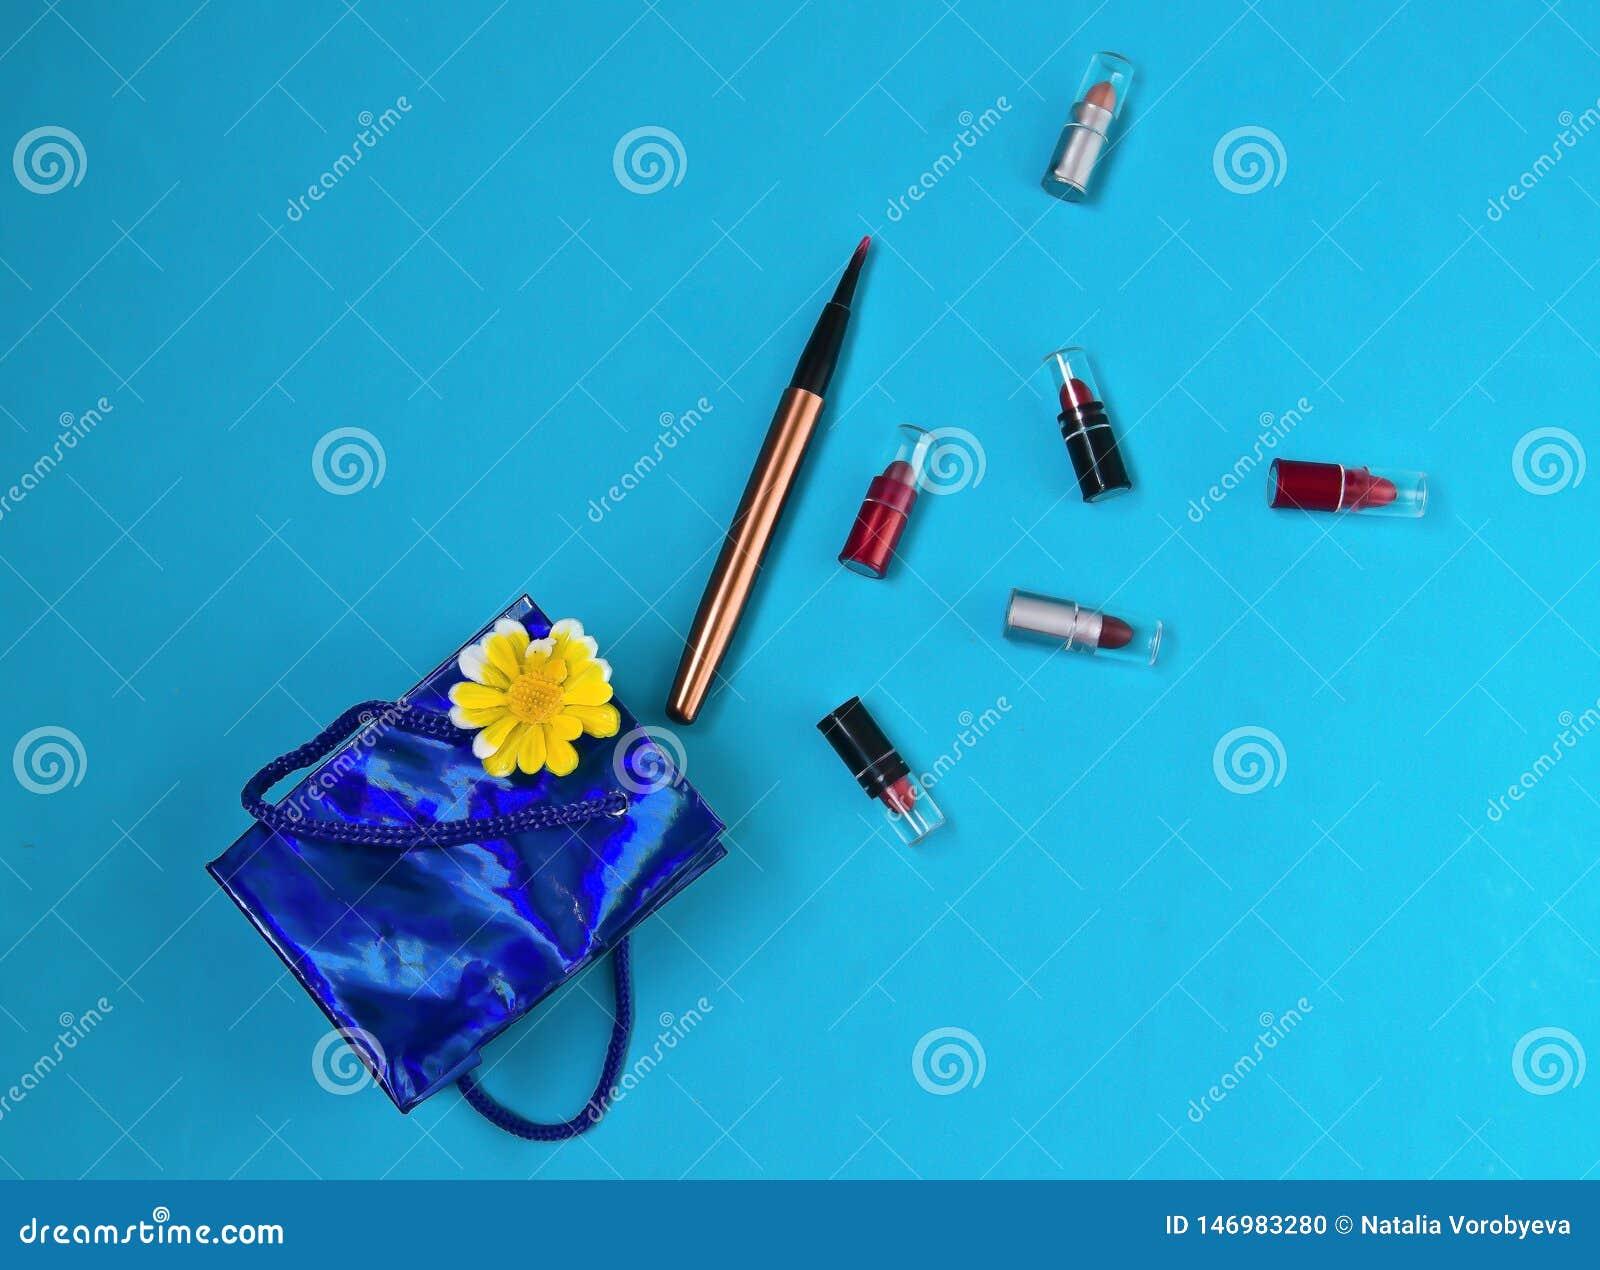 Läppstift borste, packe, gåva, överraskning, på blå bakgrund